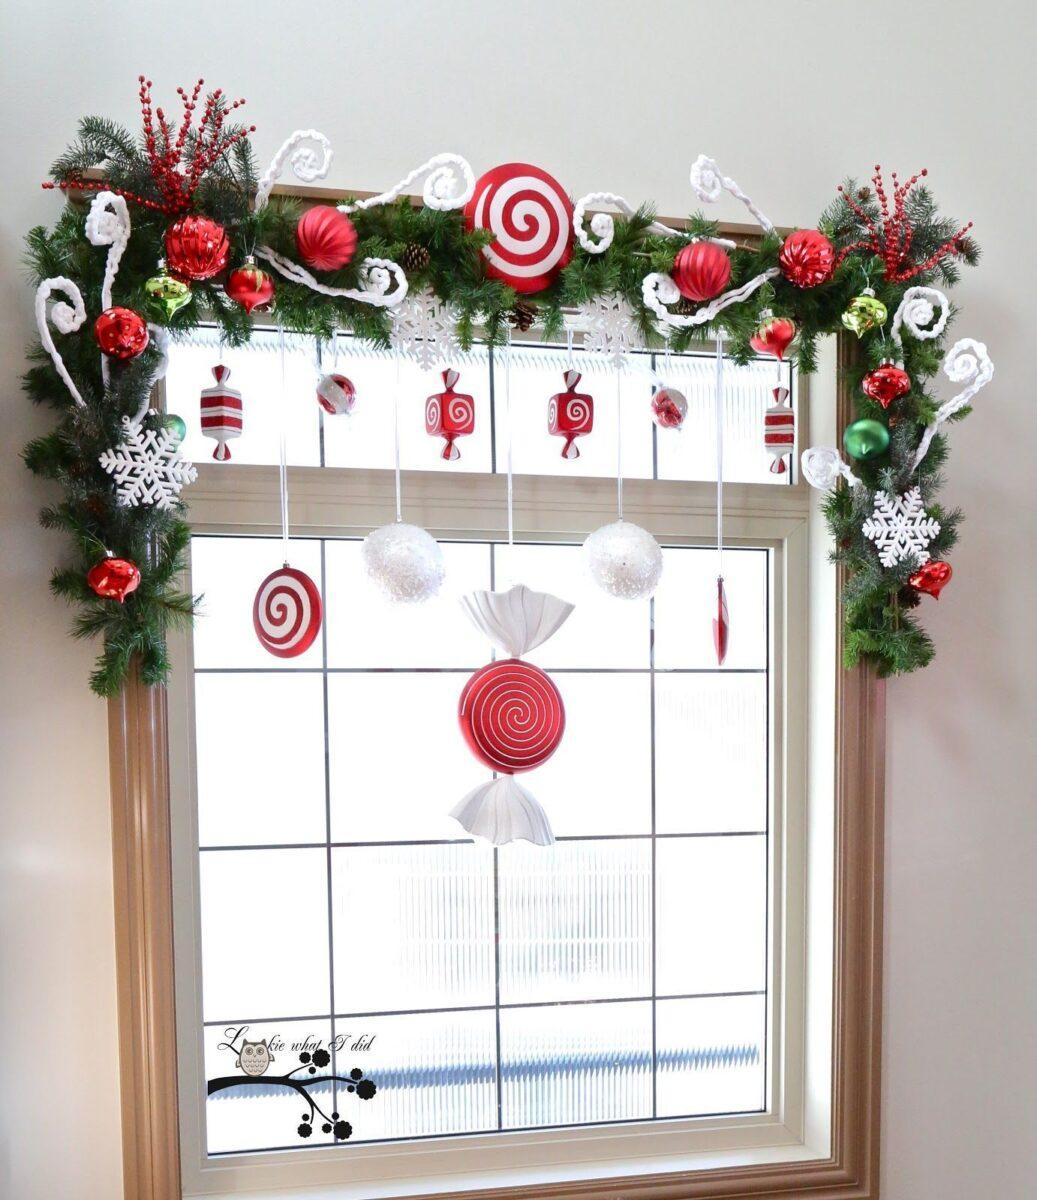 Addobbi Natalizi per decorare finestre e balconi